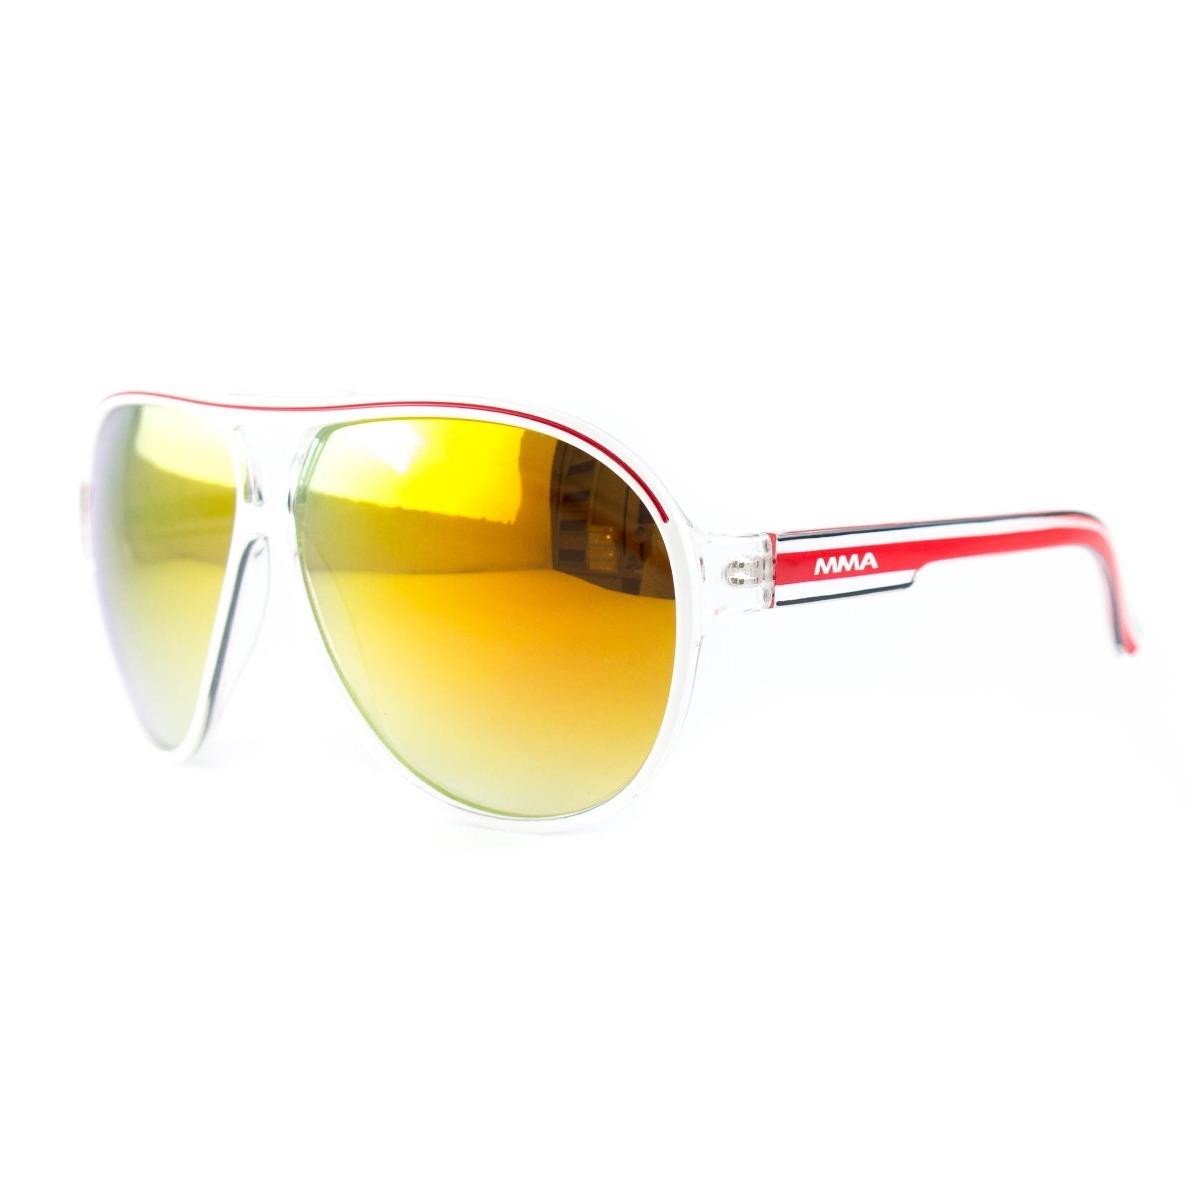 2de59ae2351b8 óculos de sol atitude mma - at5155 h02 - branco. Carregando zoom.